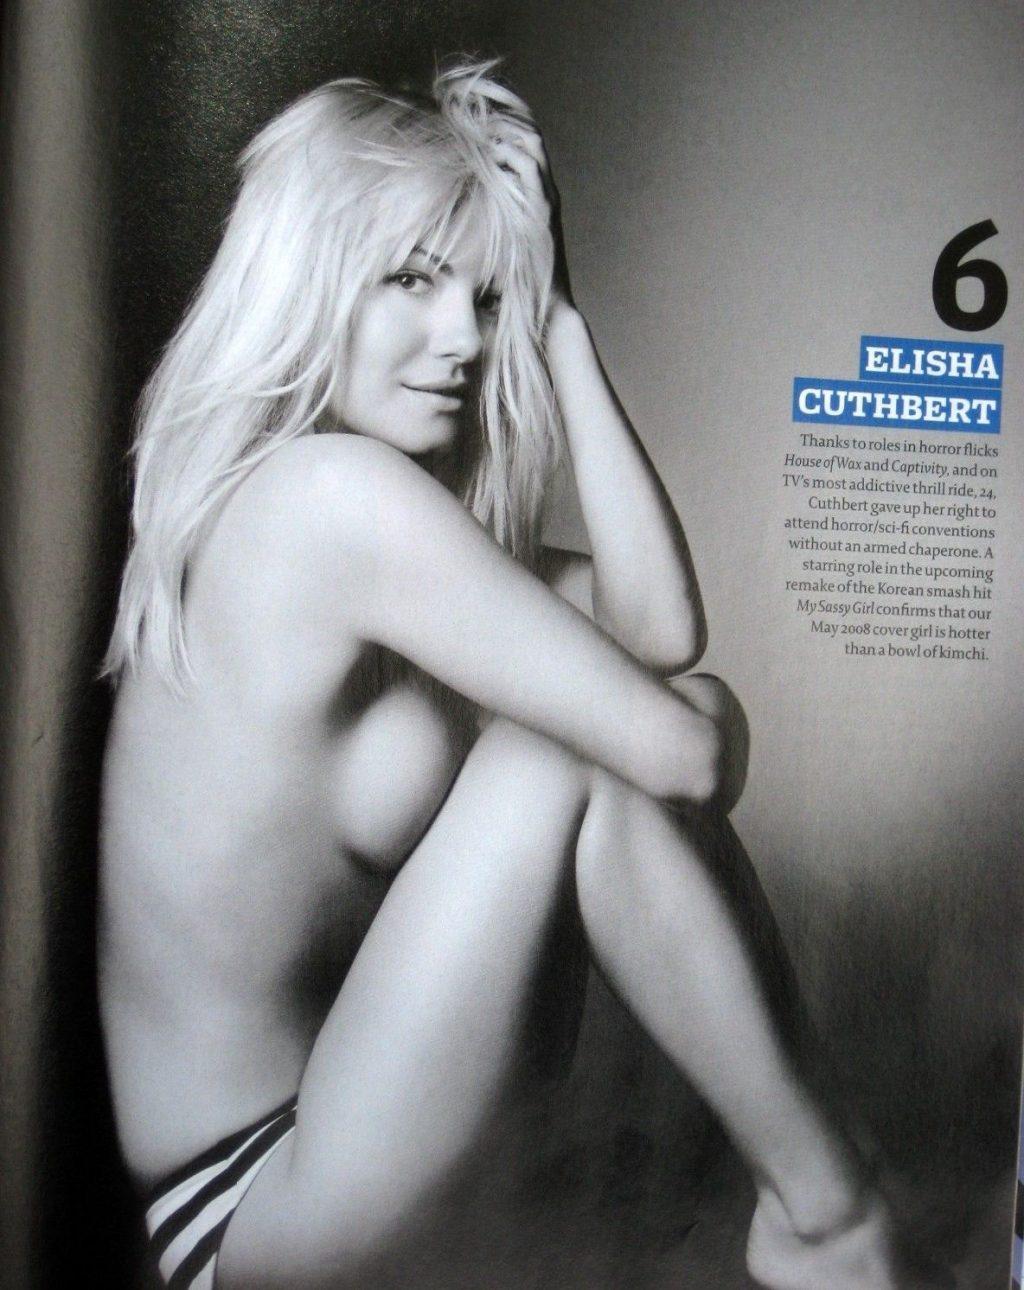 elisha-cuthbert